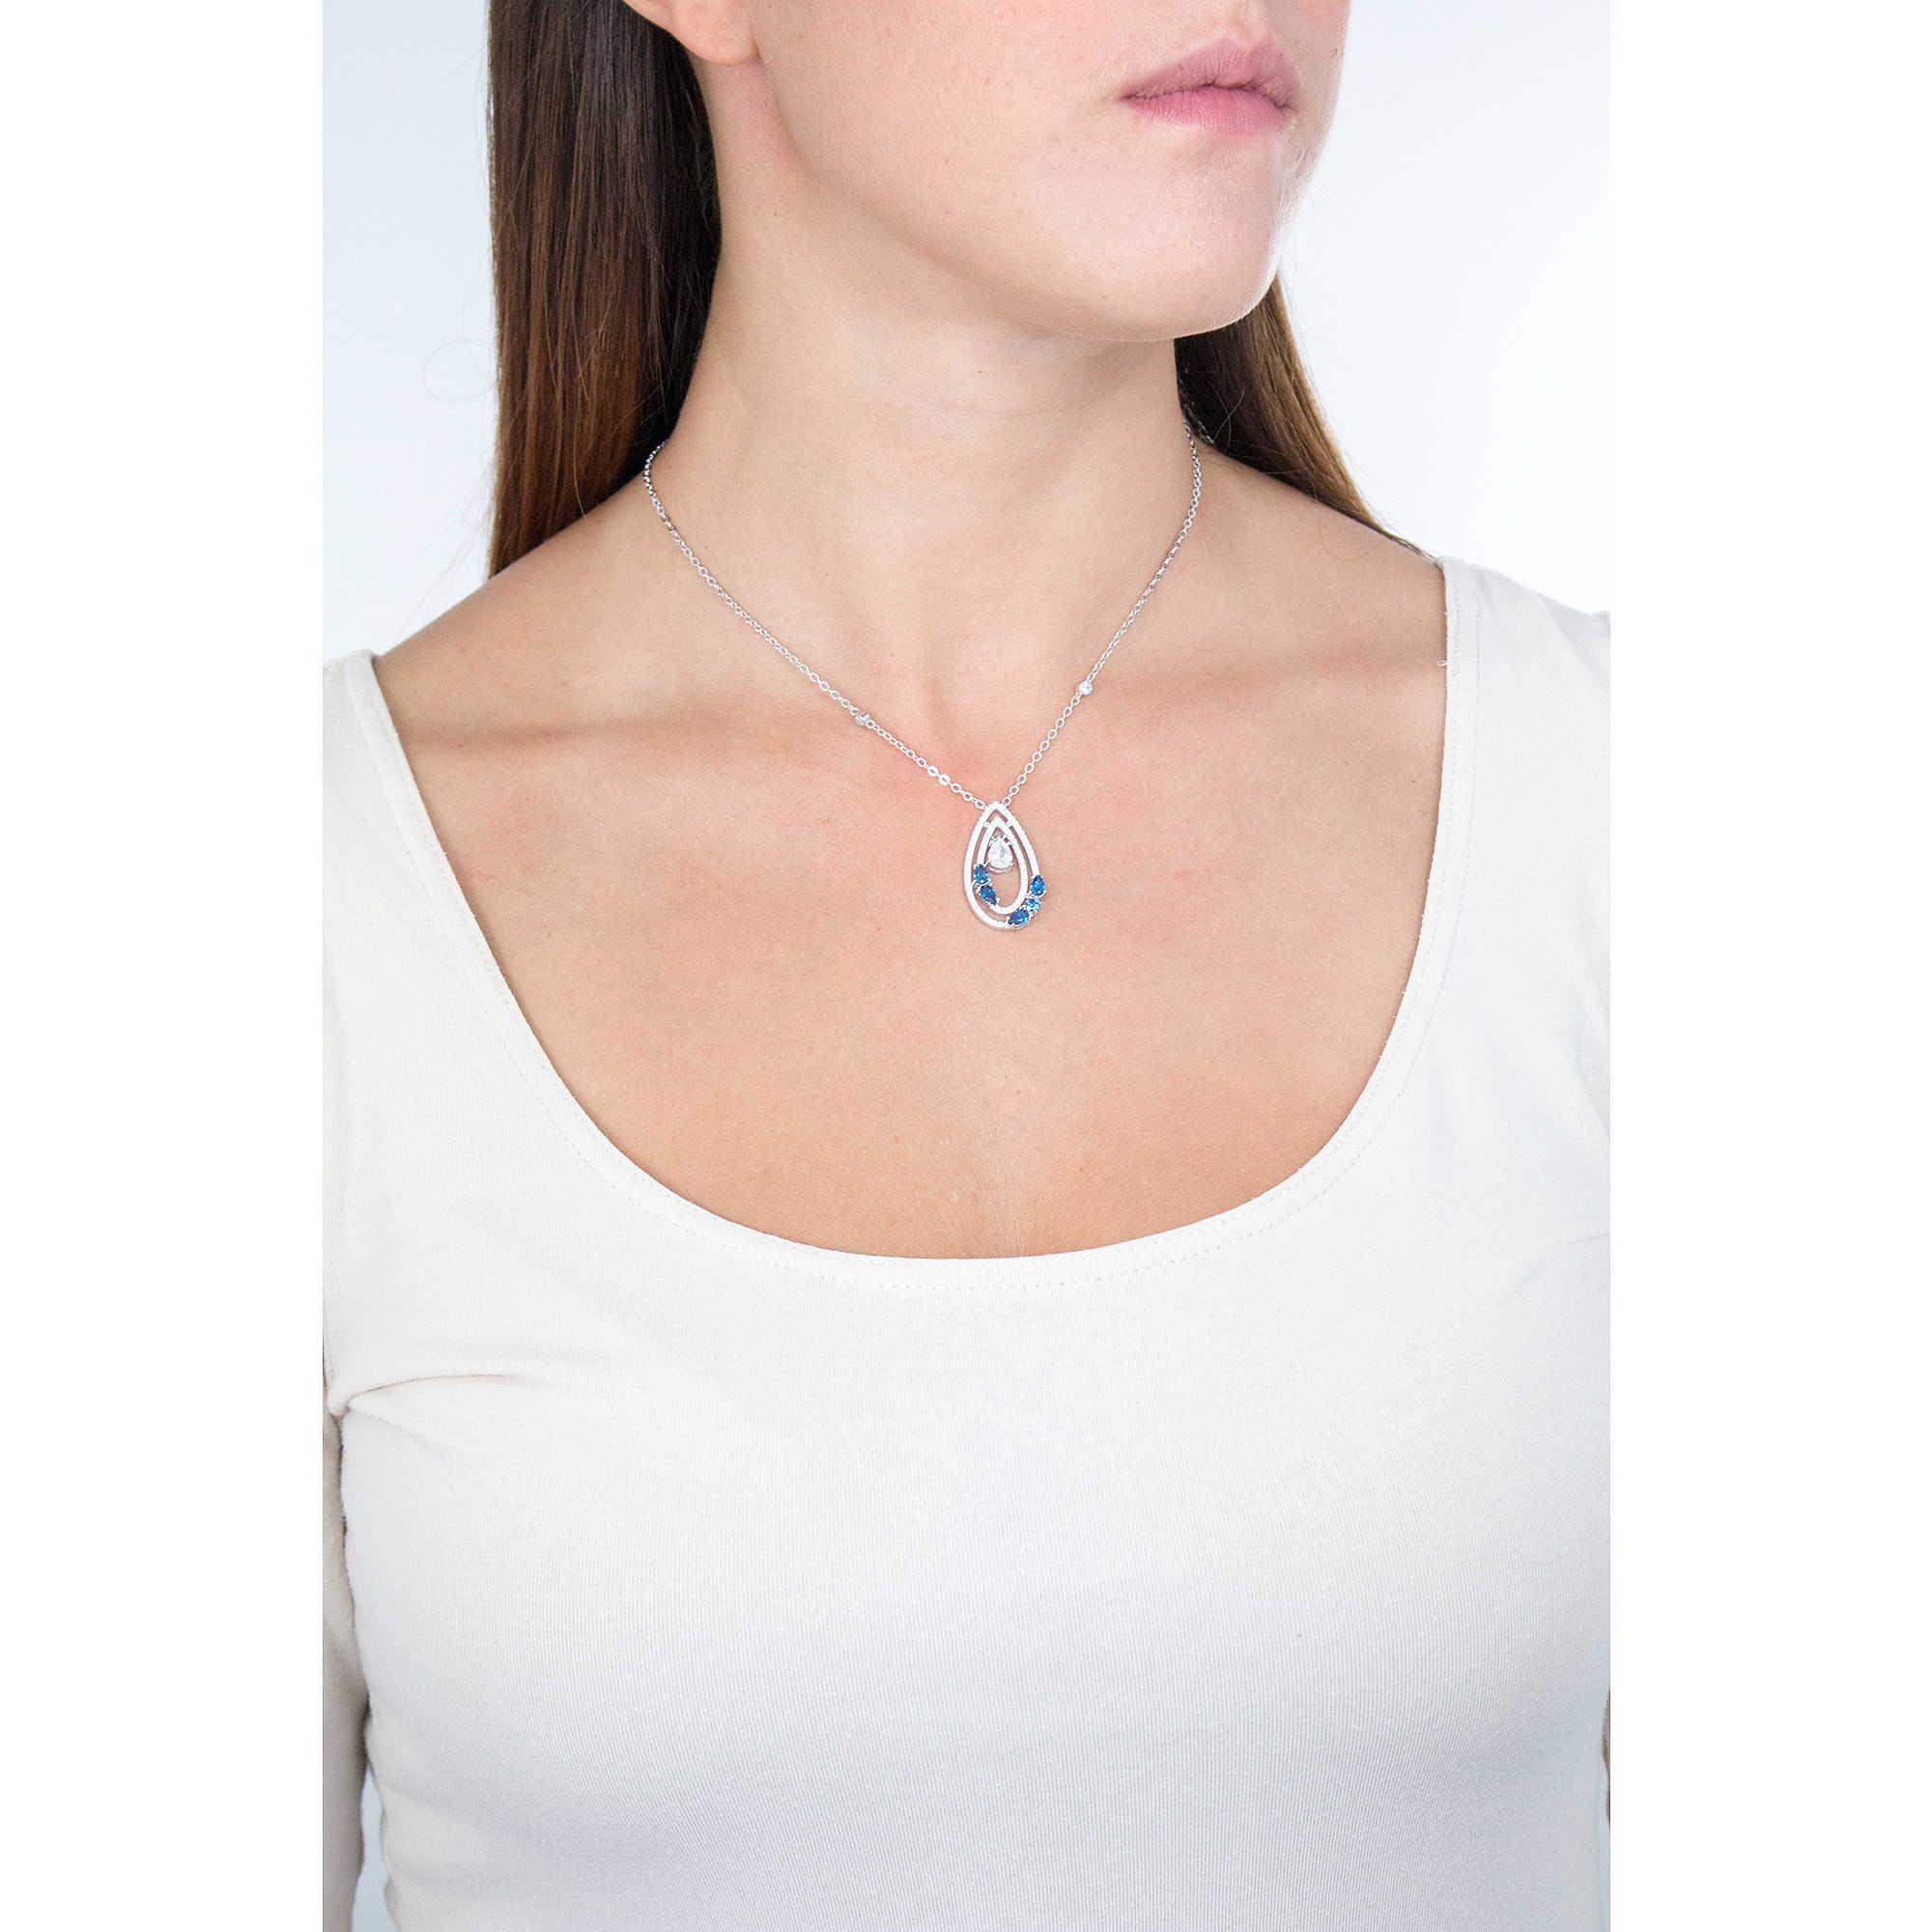 a21d223329cb7e collana donna gioielli Morellato Tesori SAIW19. zoom · Morellato collane  Tesori donna SAIW19 indosso. zoom